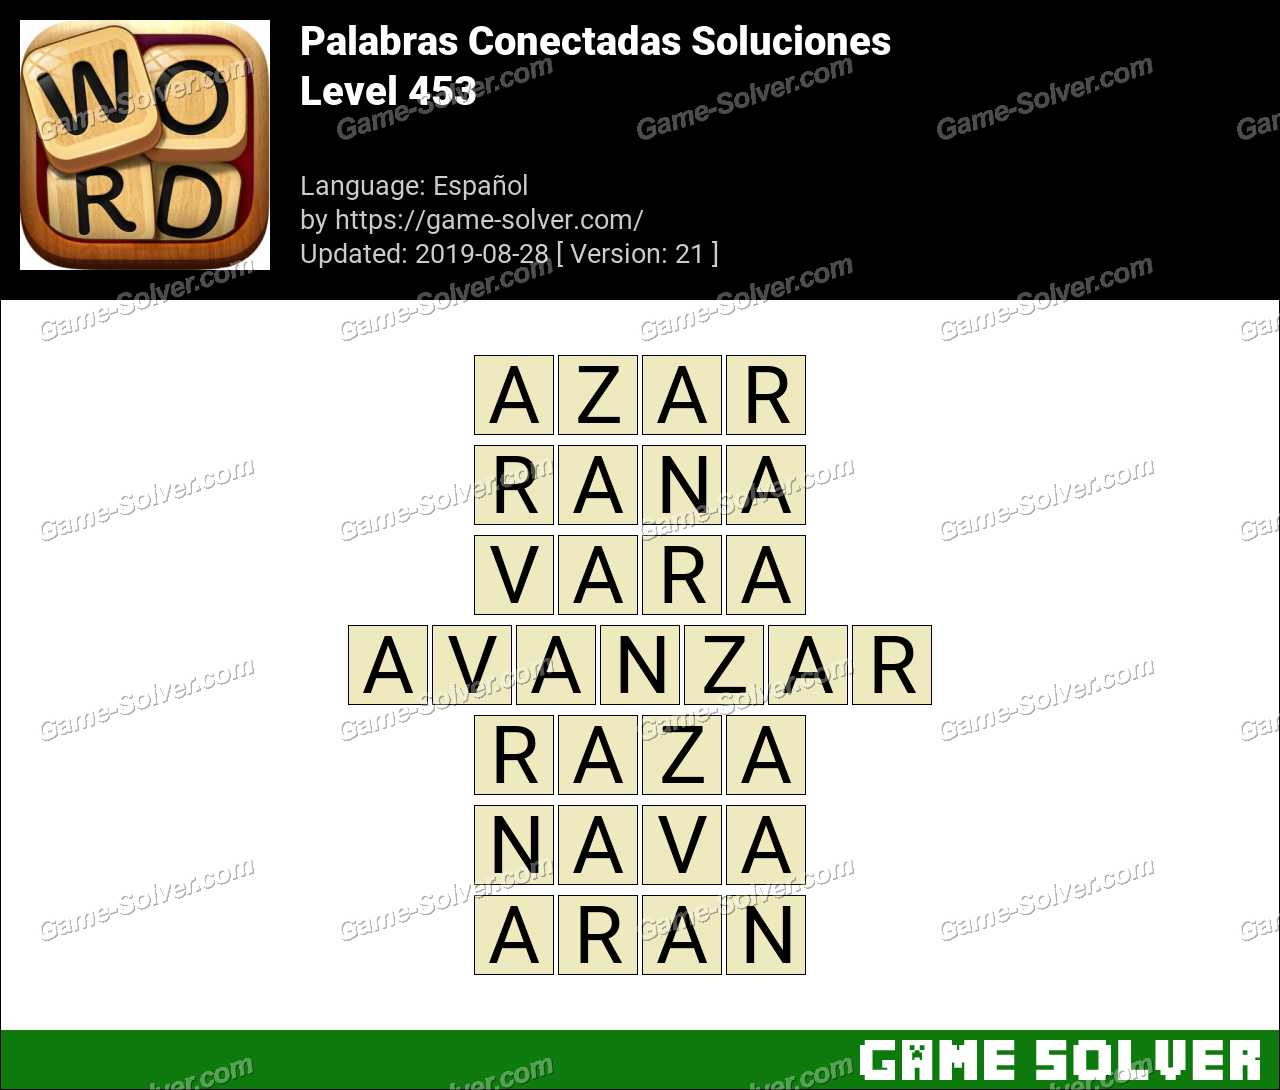 Palabras Conectadas Nivel 453 Soluciones